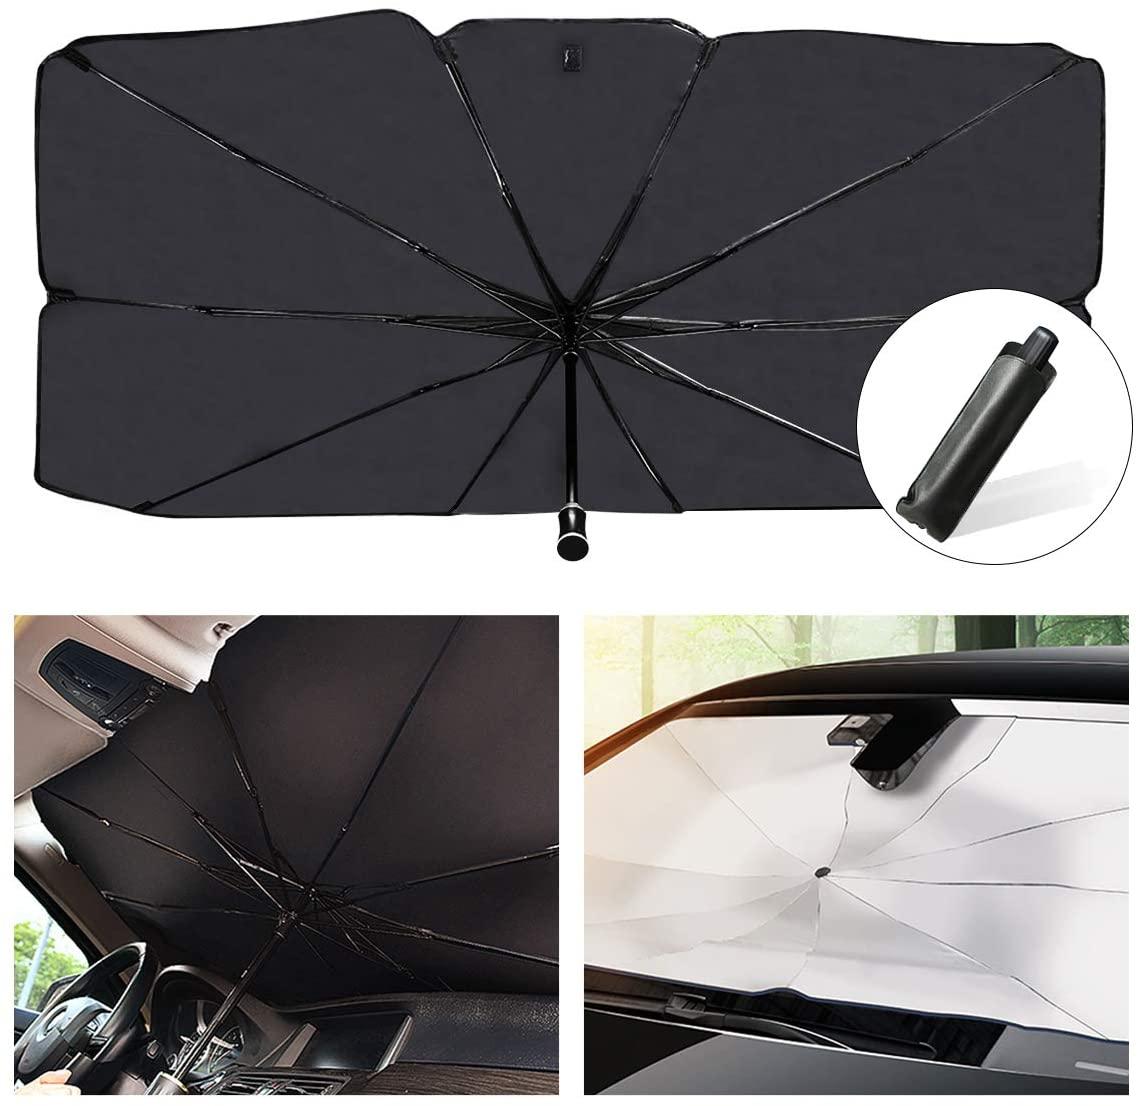 Универсальный автомобильный зонт от солнца, автомобильный солнцезащитный козырек, серебристый солнцезащитный козырек для лобового стекла...